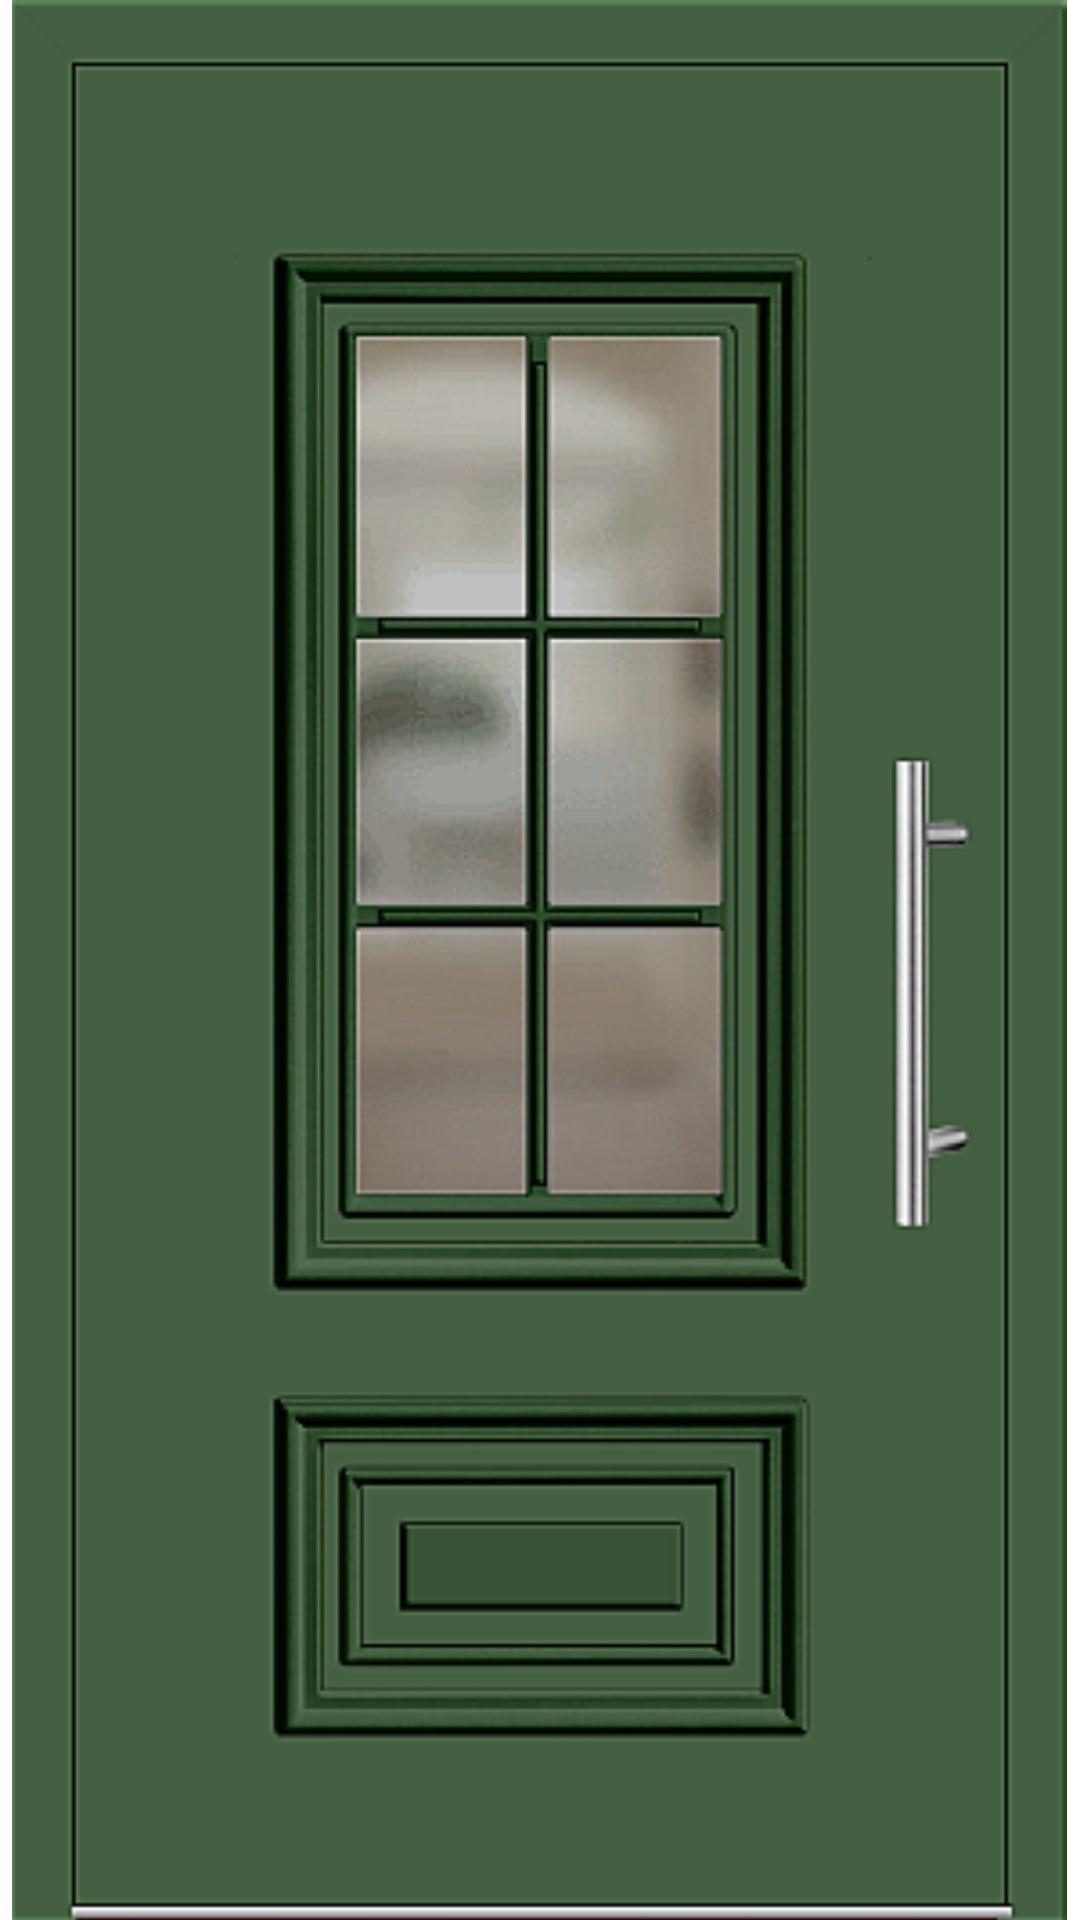 Kunststoff Haustür Modell 217-15 laubgrün